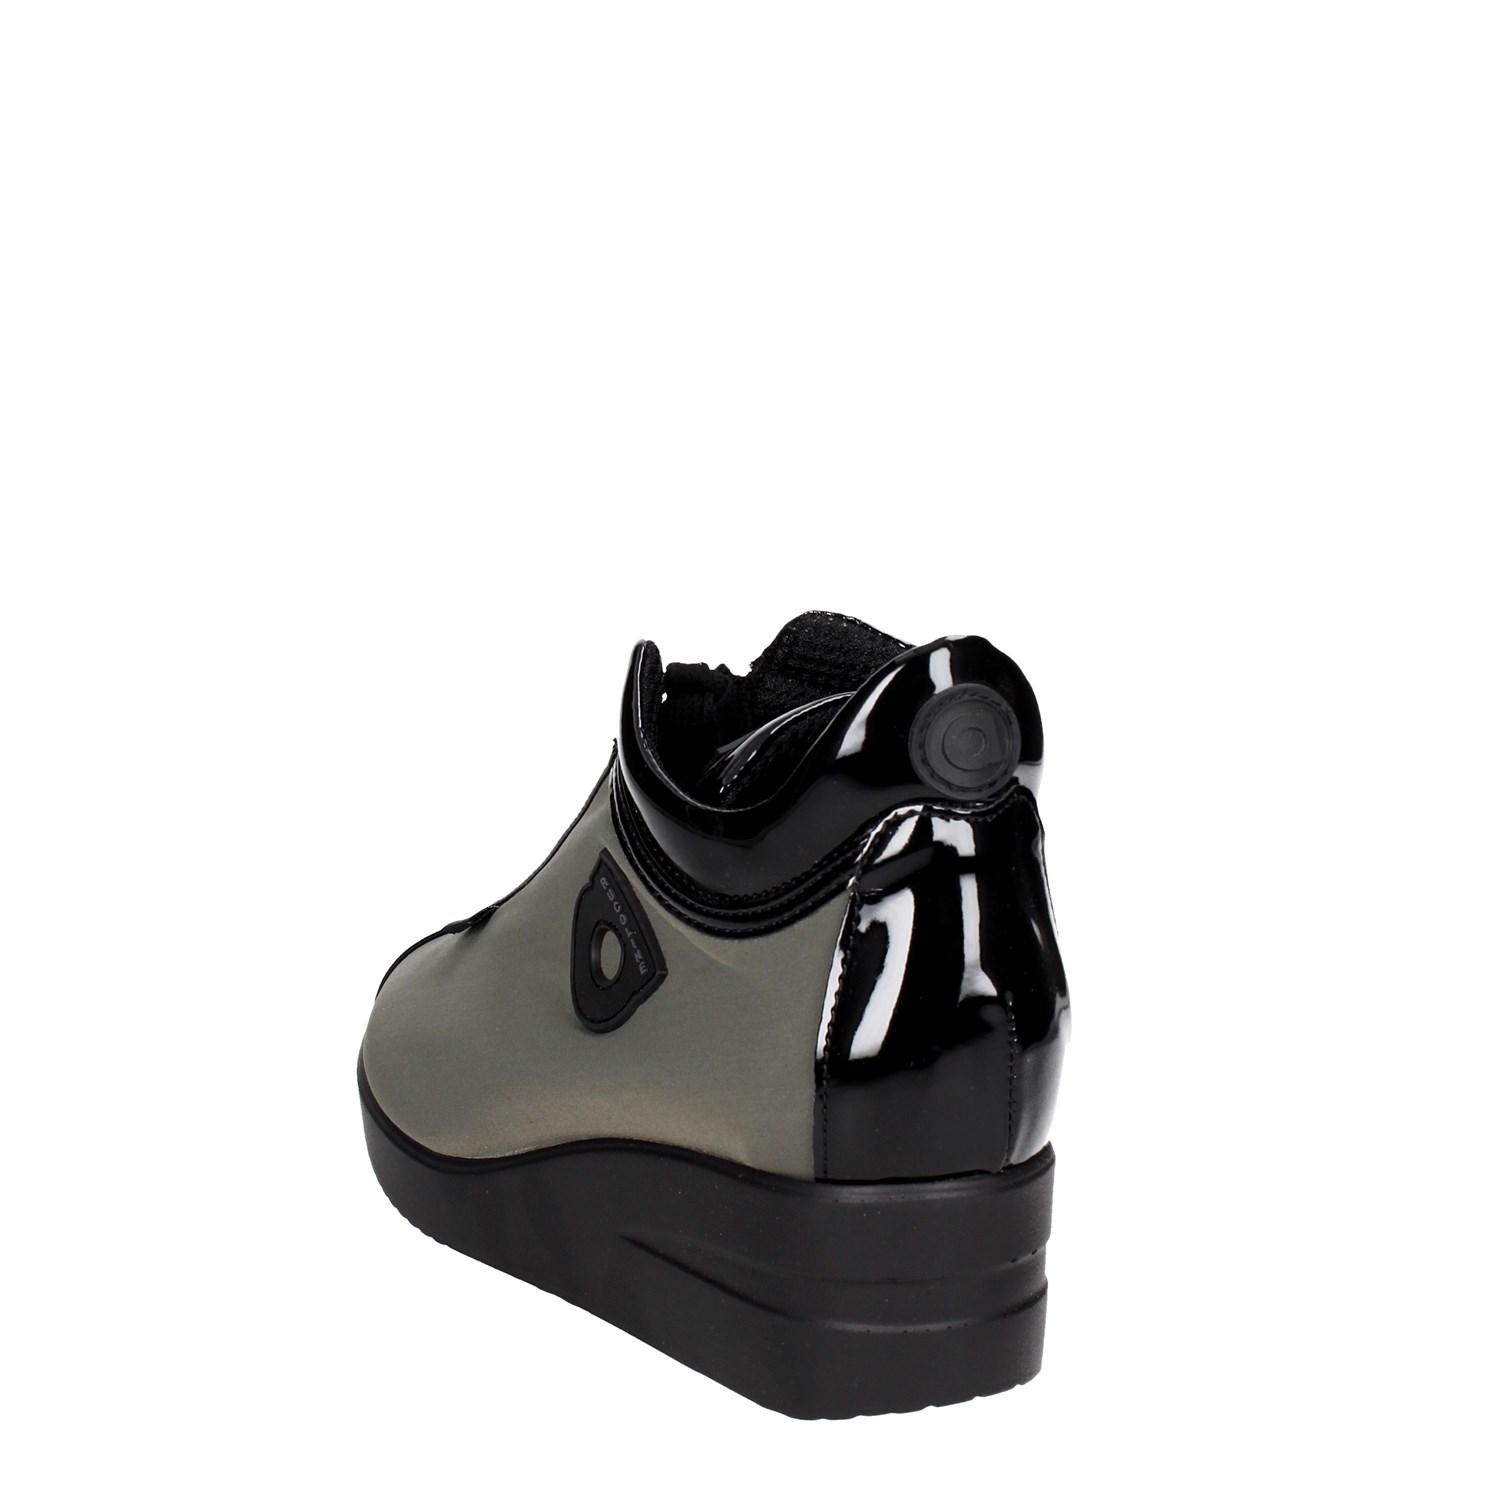 Niedrige Herbst/Winter Sneakers Damen Agile By Rucoline  226(20) Herbst/Winter Niedrige 48461b